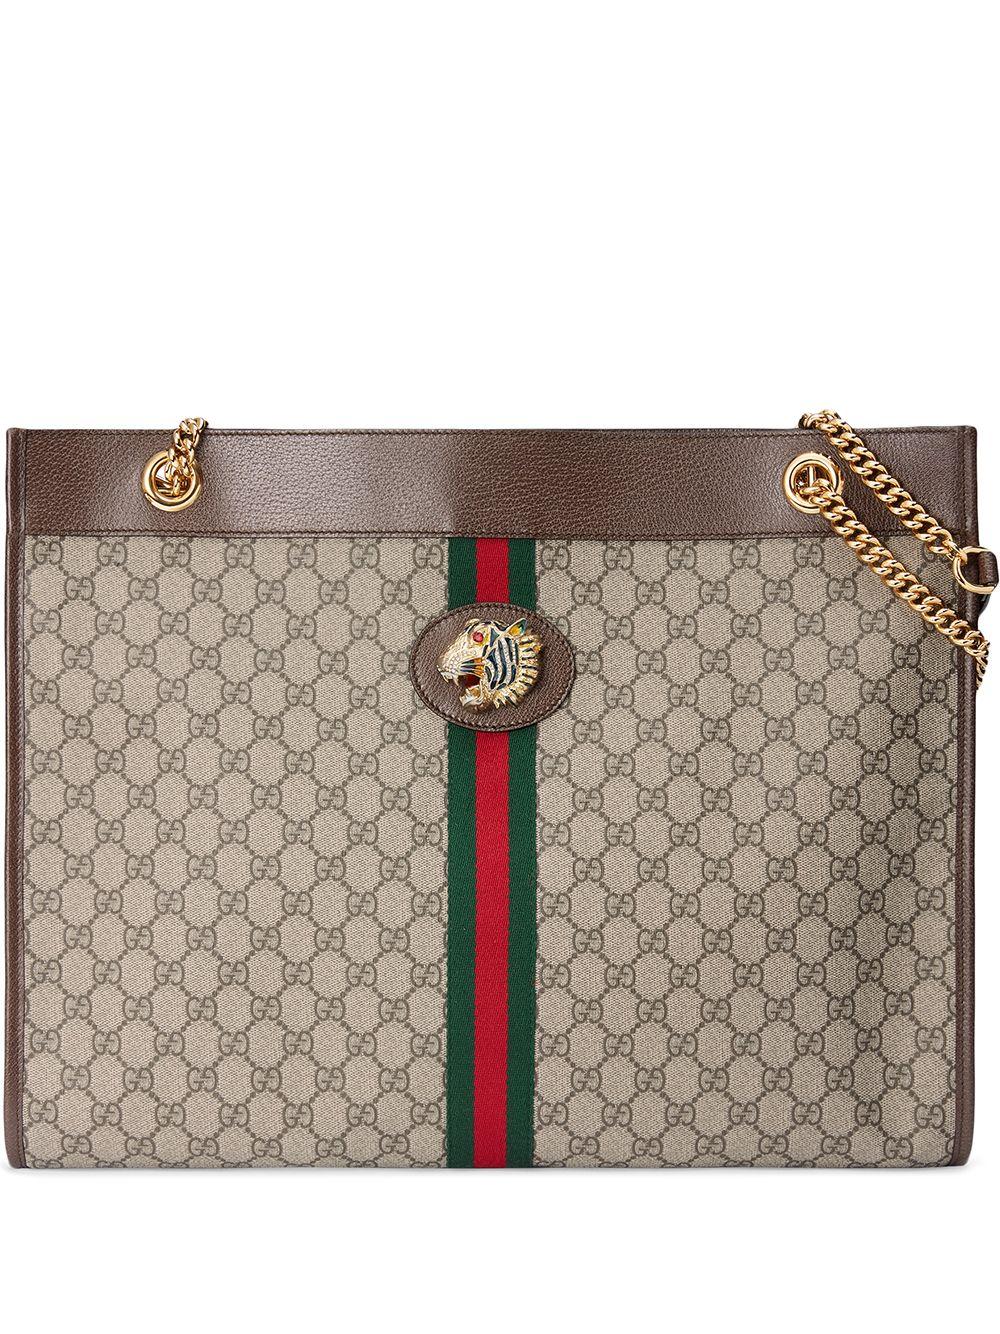 Rajah Leather Shopping Bag